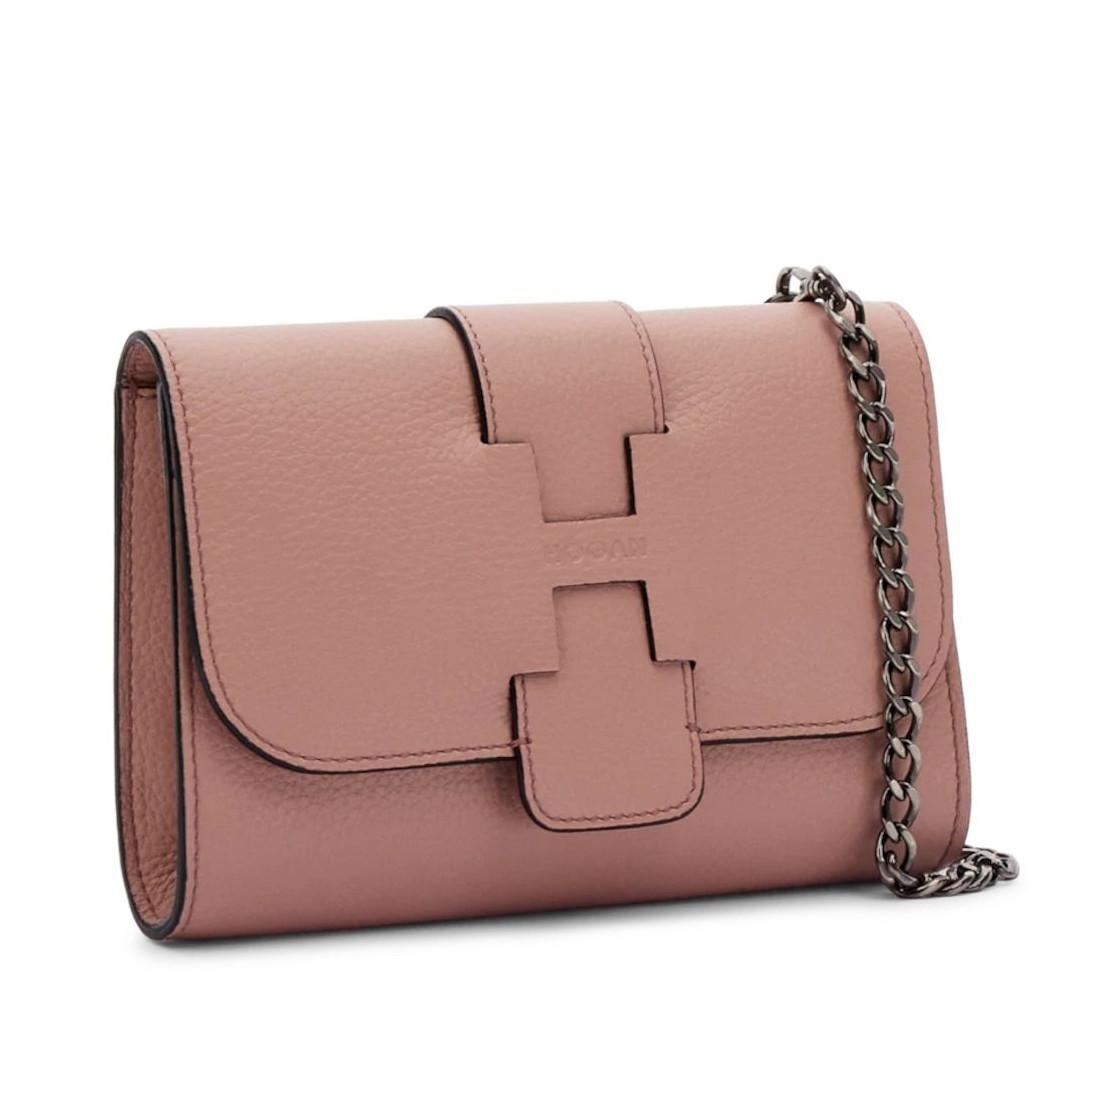 crossbody bags woman hogan kbw01bd0200o6rm016 8114